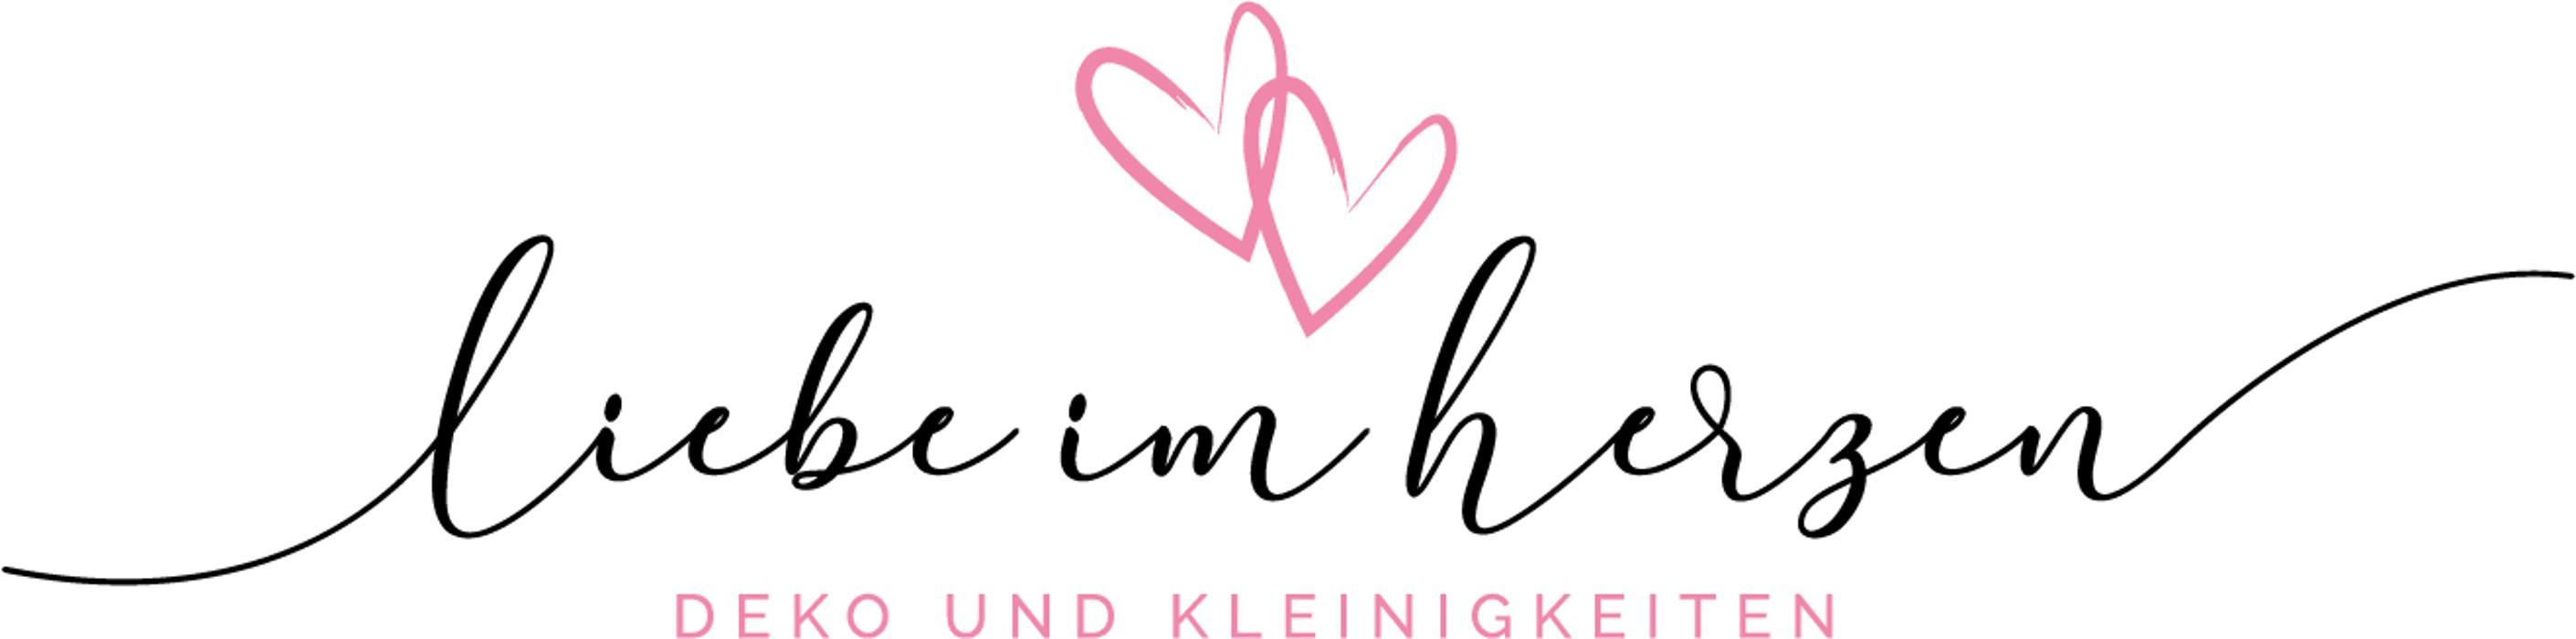 Bild zu Liebe im Herzen in Uetersen